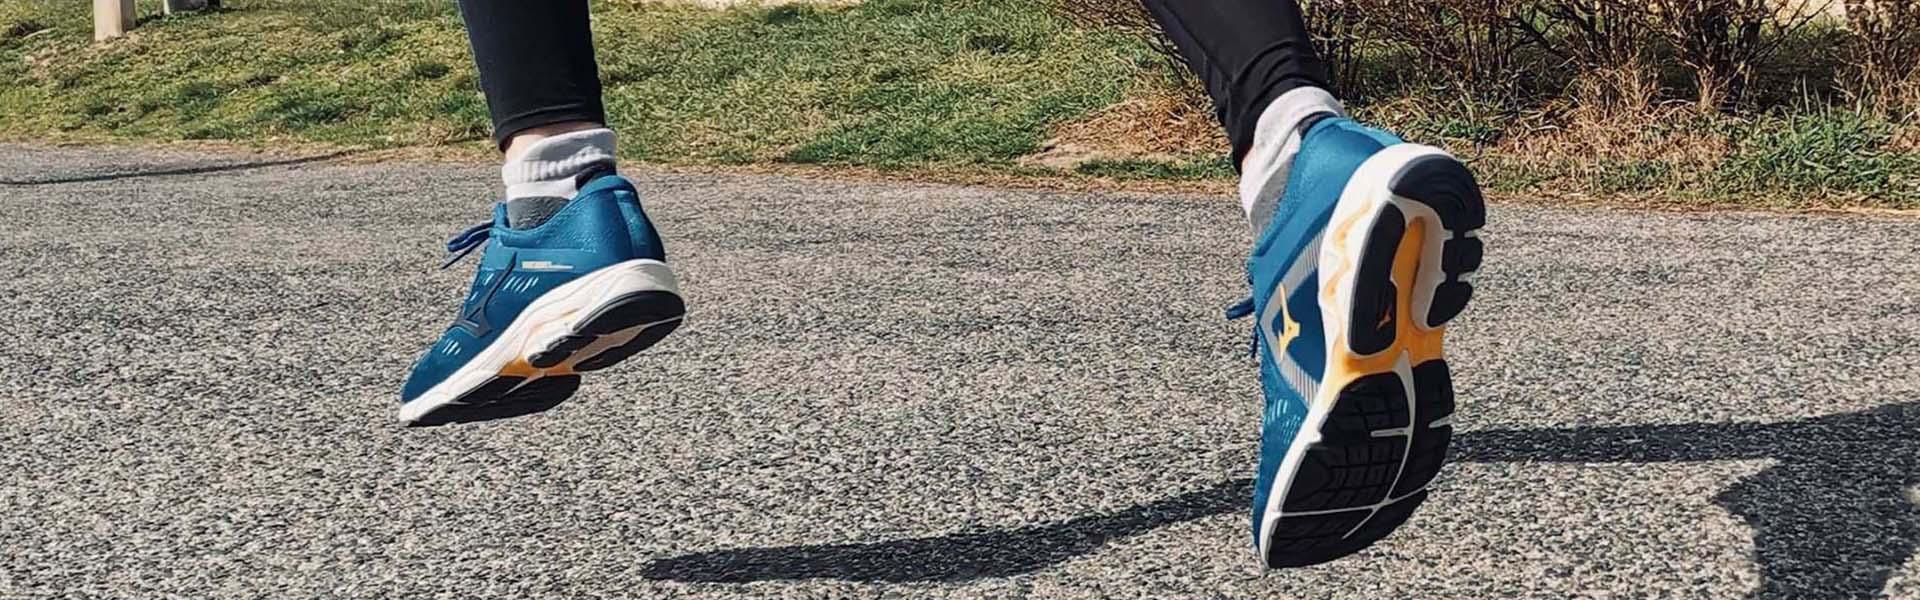 Mizuno Wave Equate 5 futócipő teszt